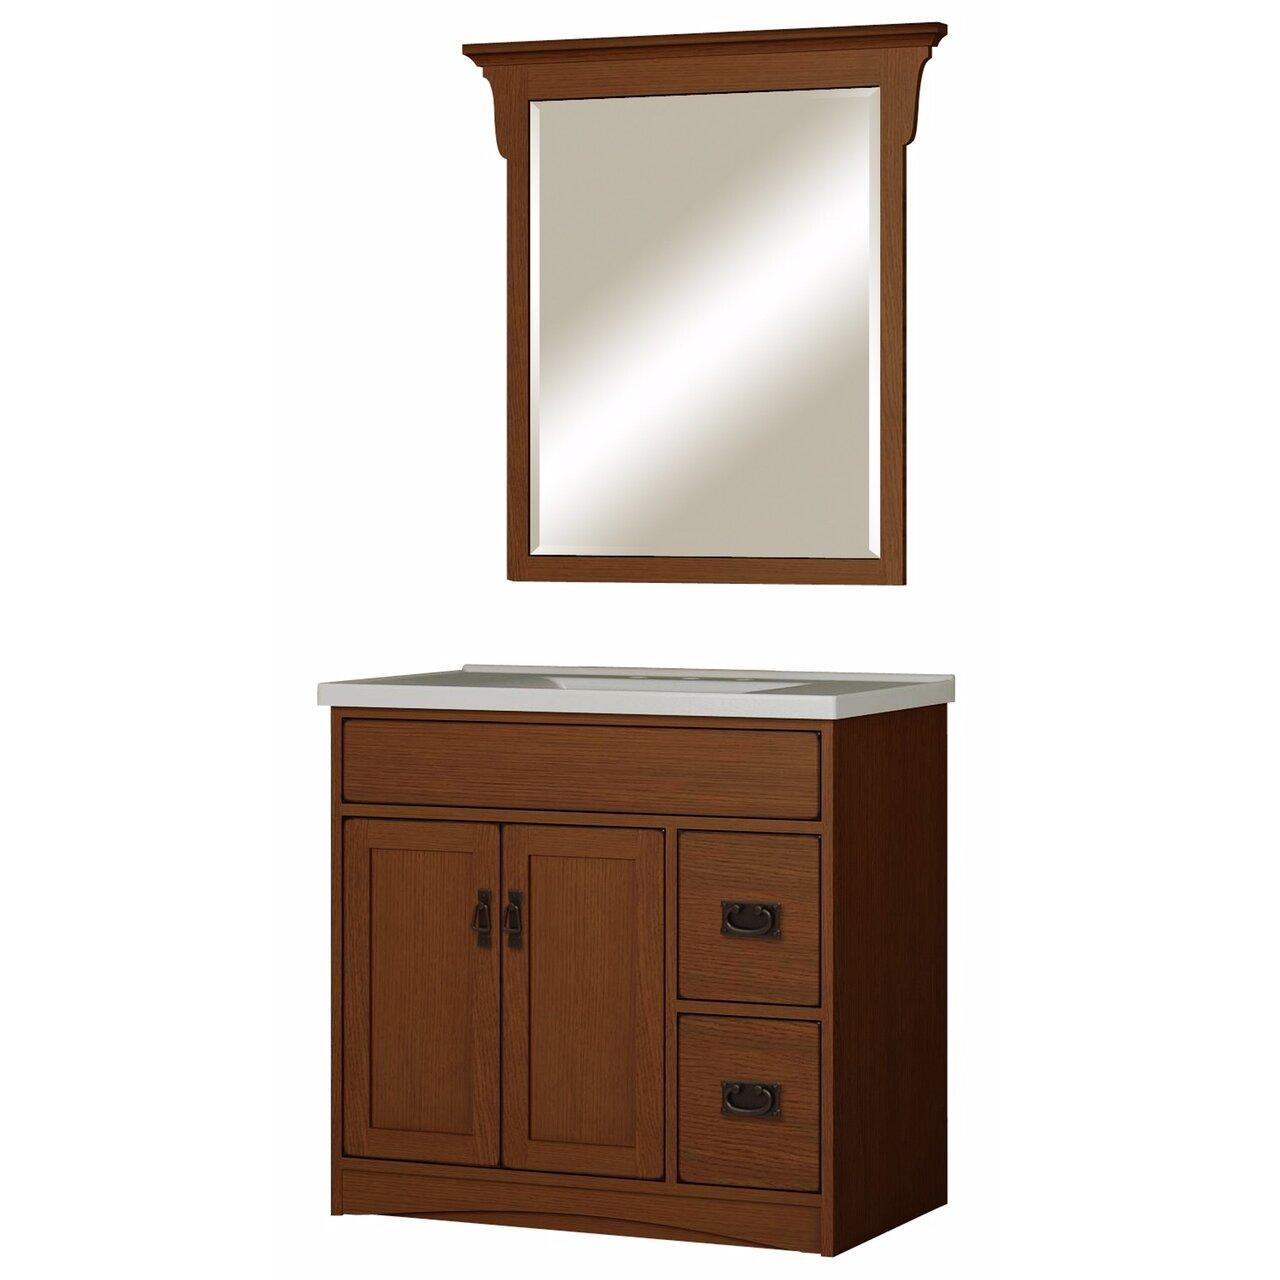 Sunny wood mission oak 36 bathroom vanity base wayfair for Oak bathroom vanity